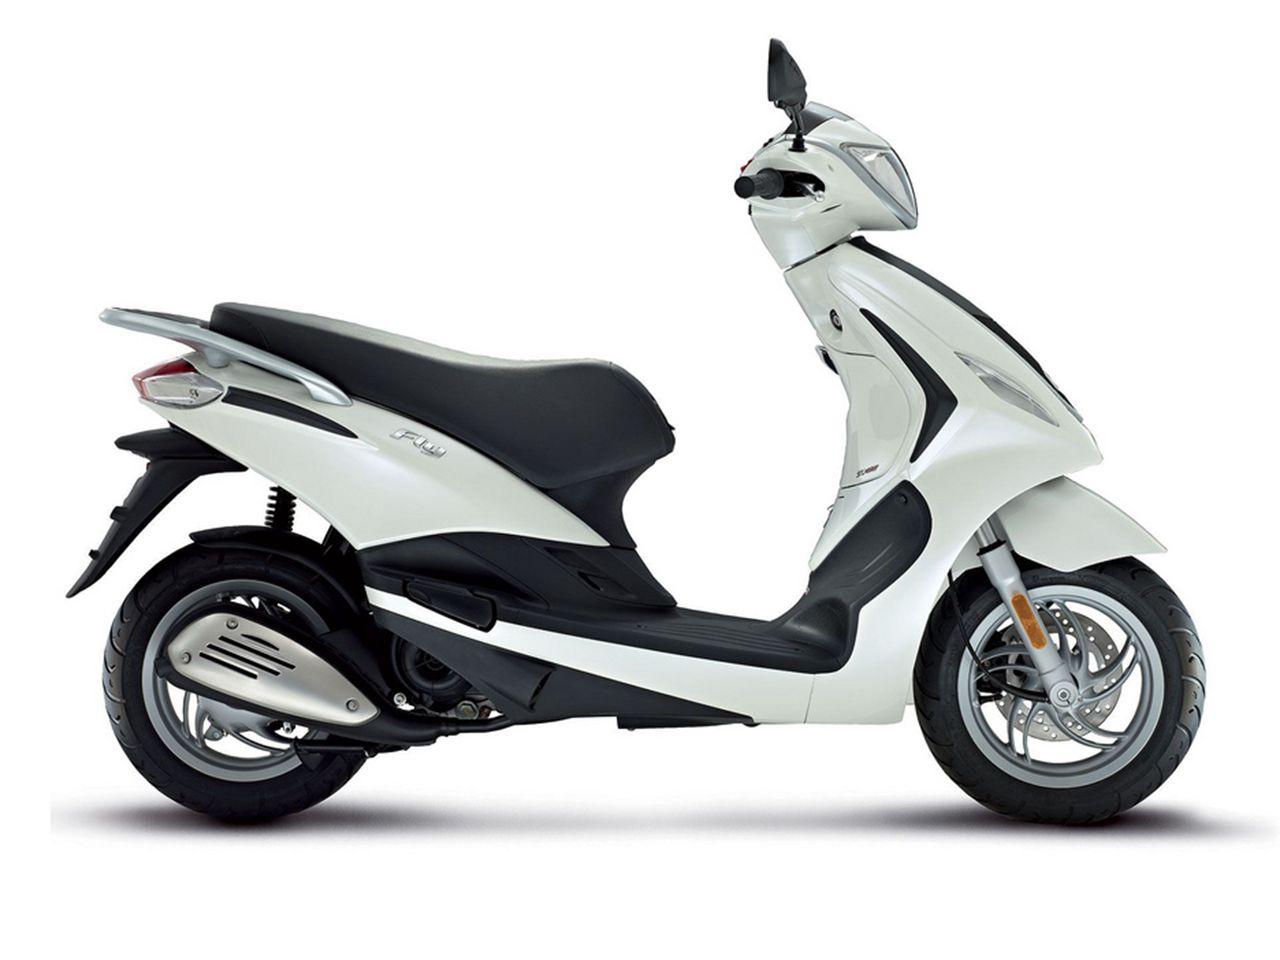 比亚乔摩托车_【比亚乔Piaggio Fly 50 4V摩托车图片】_摩托车图片库_摩托车之家